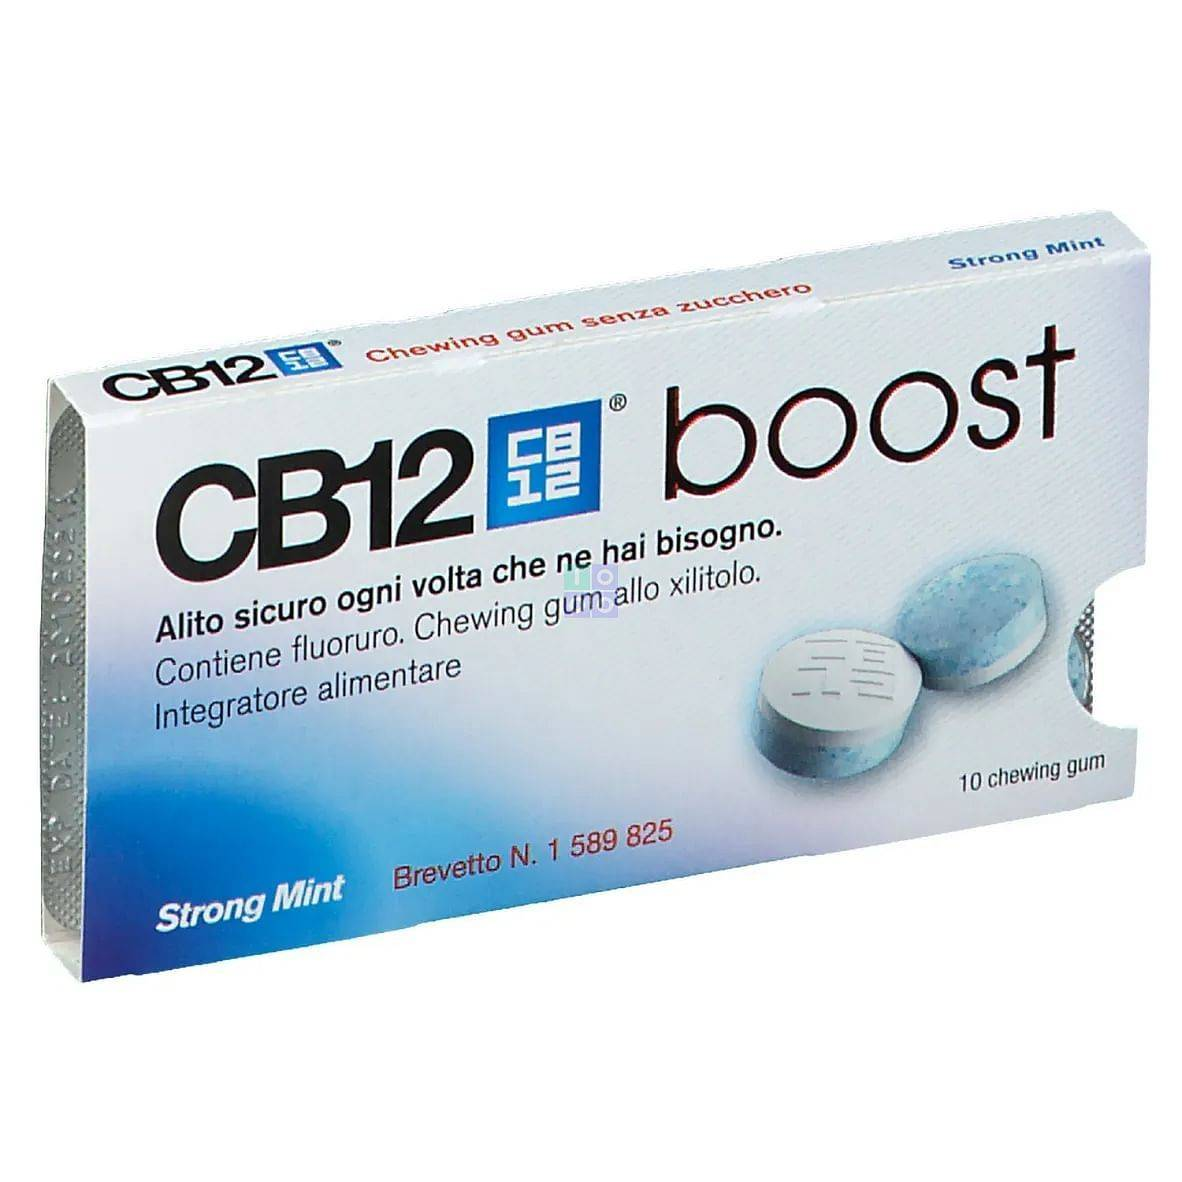 CB12 Boost Chewing-Gum Menta Forte 10 Pezzi